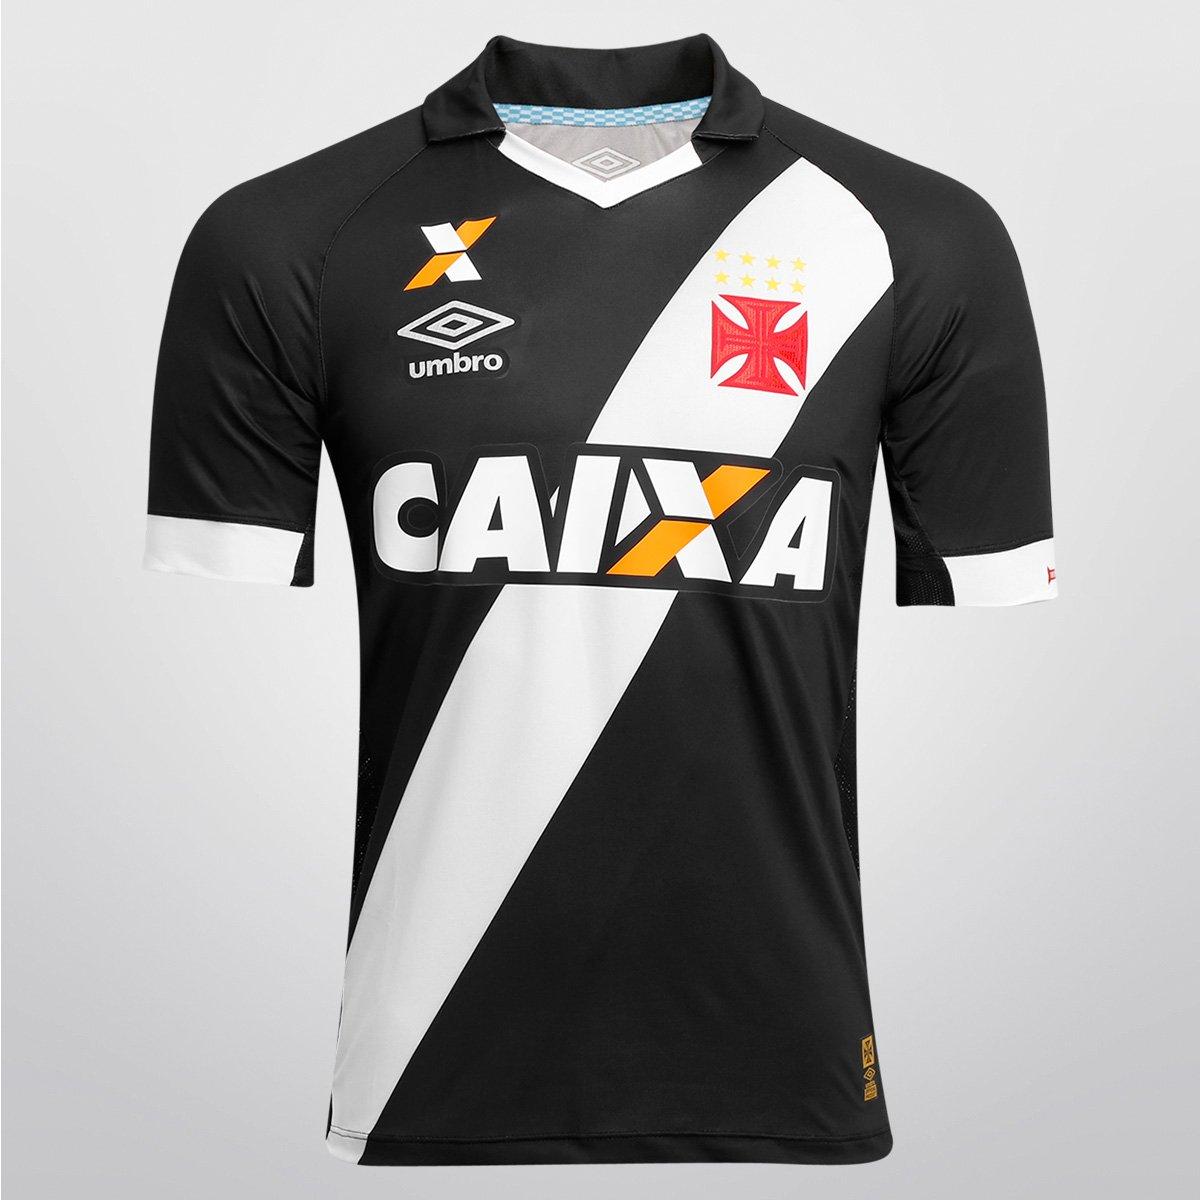 Camisa Umbro Vasco I 15 16 s nº - Jogador - Compre Agora  837cd406ade96